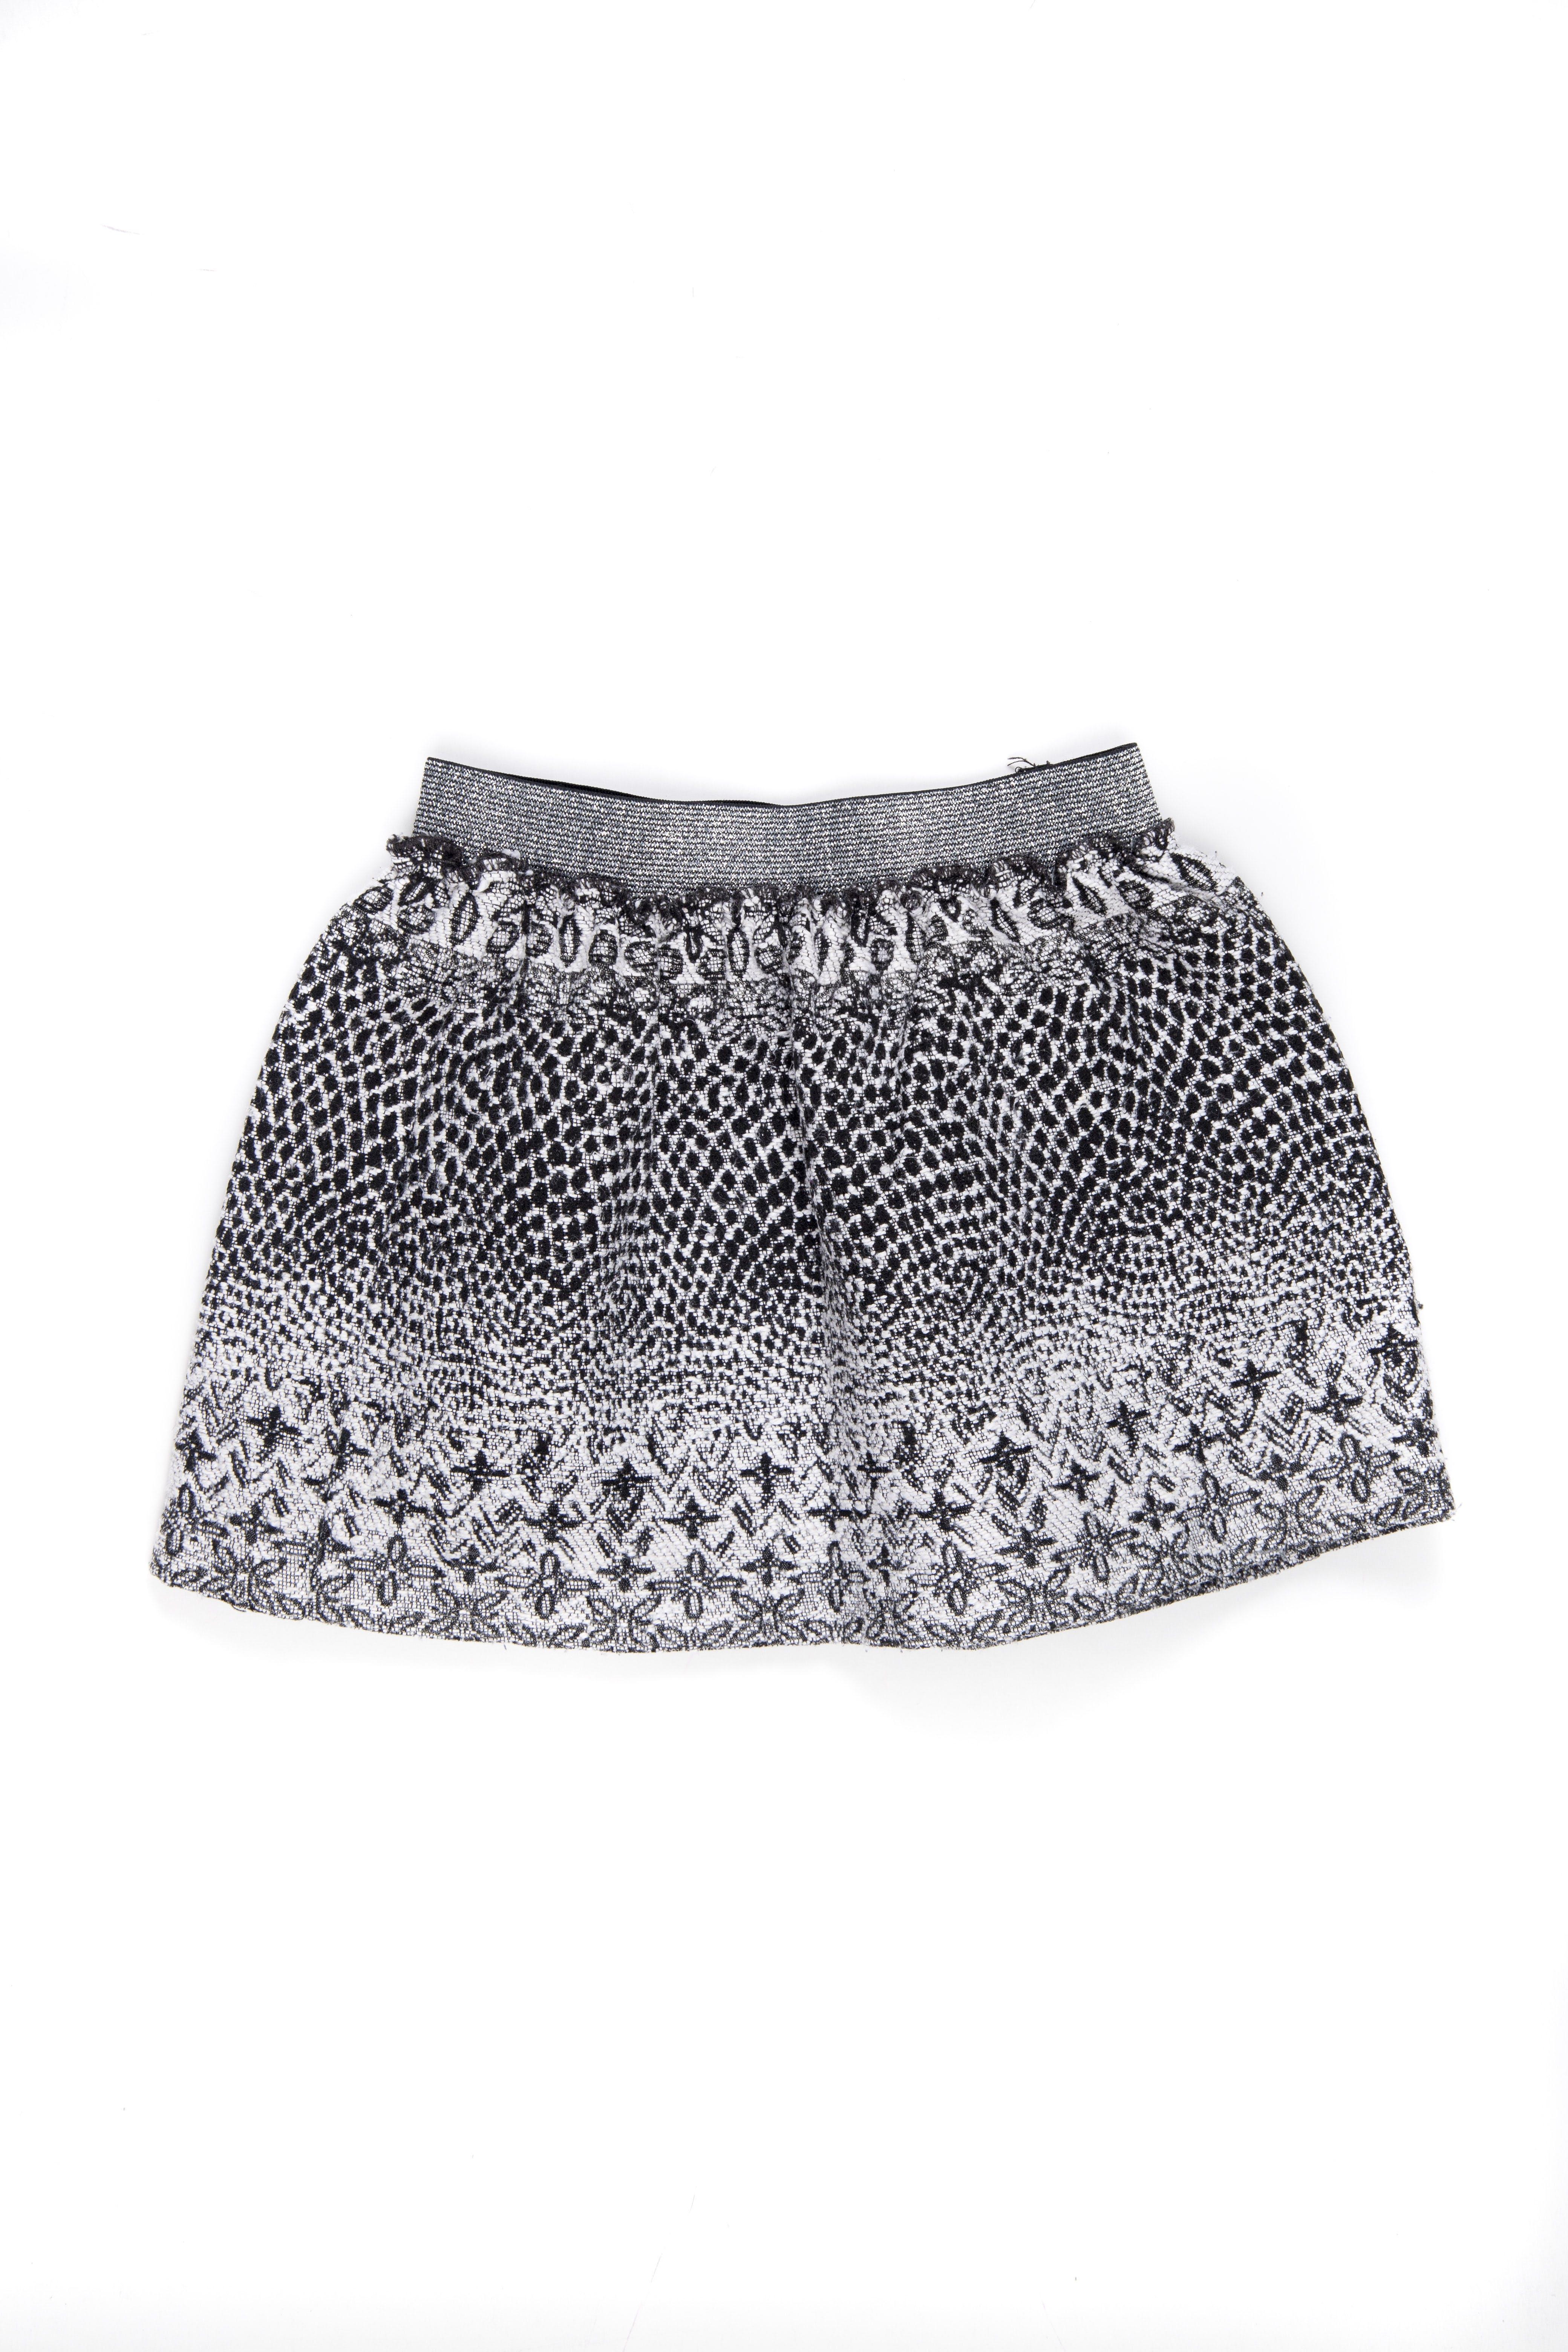 Falda de tela tipo gobelino estilo pollera. Tiene una anchita pero no se ve a simple vsita. - Zara